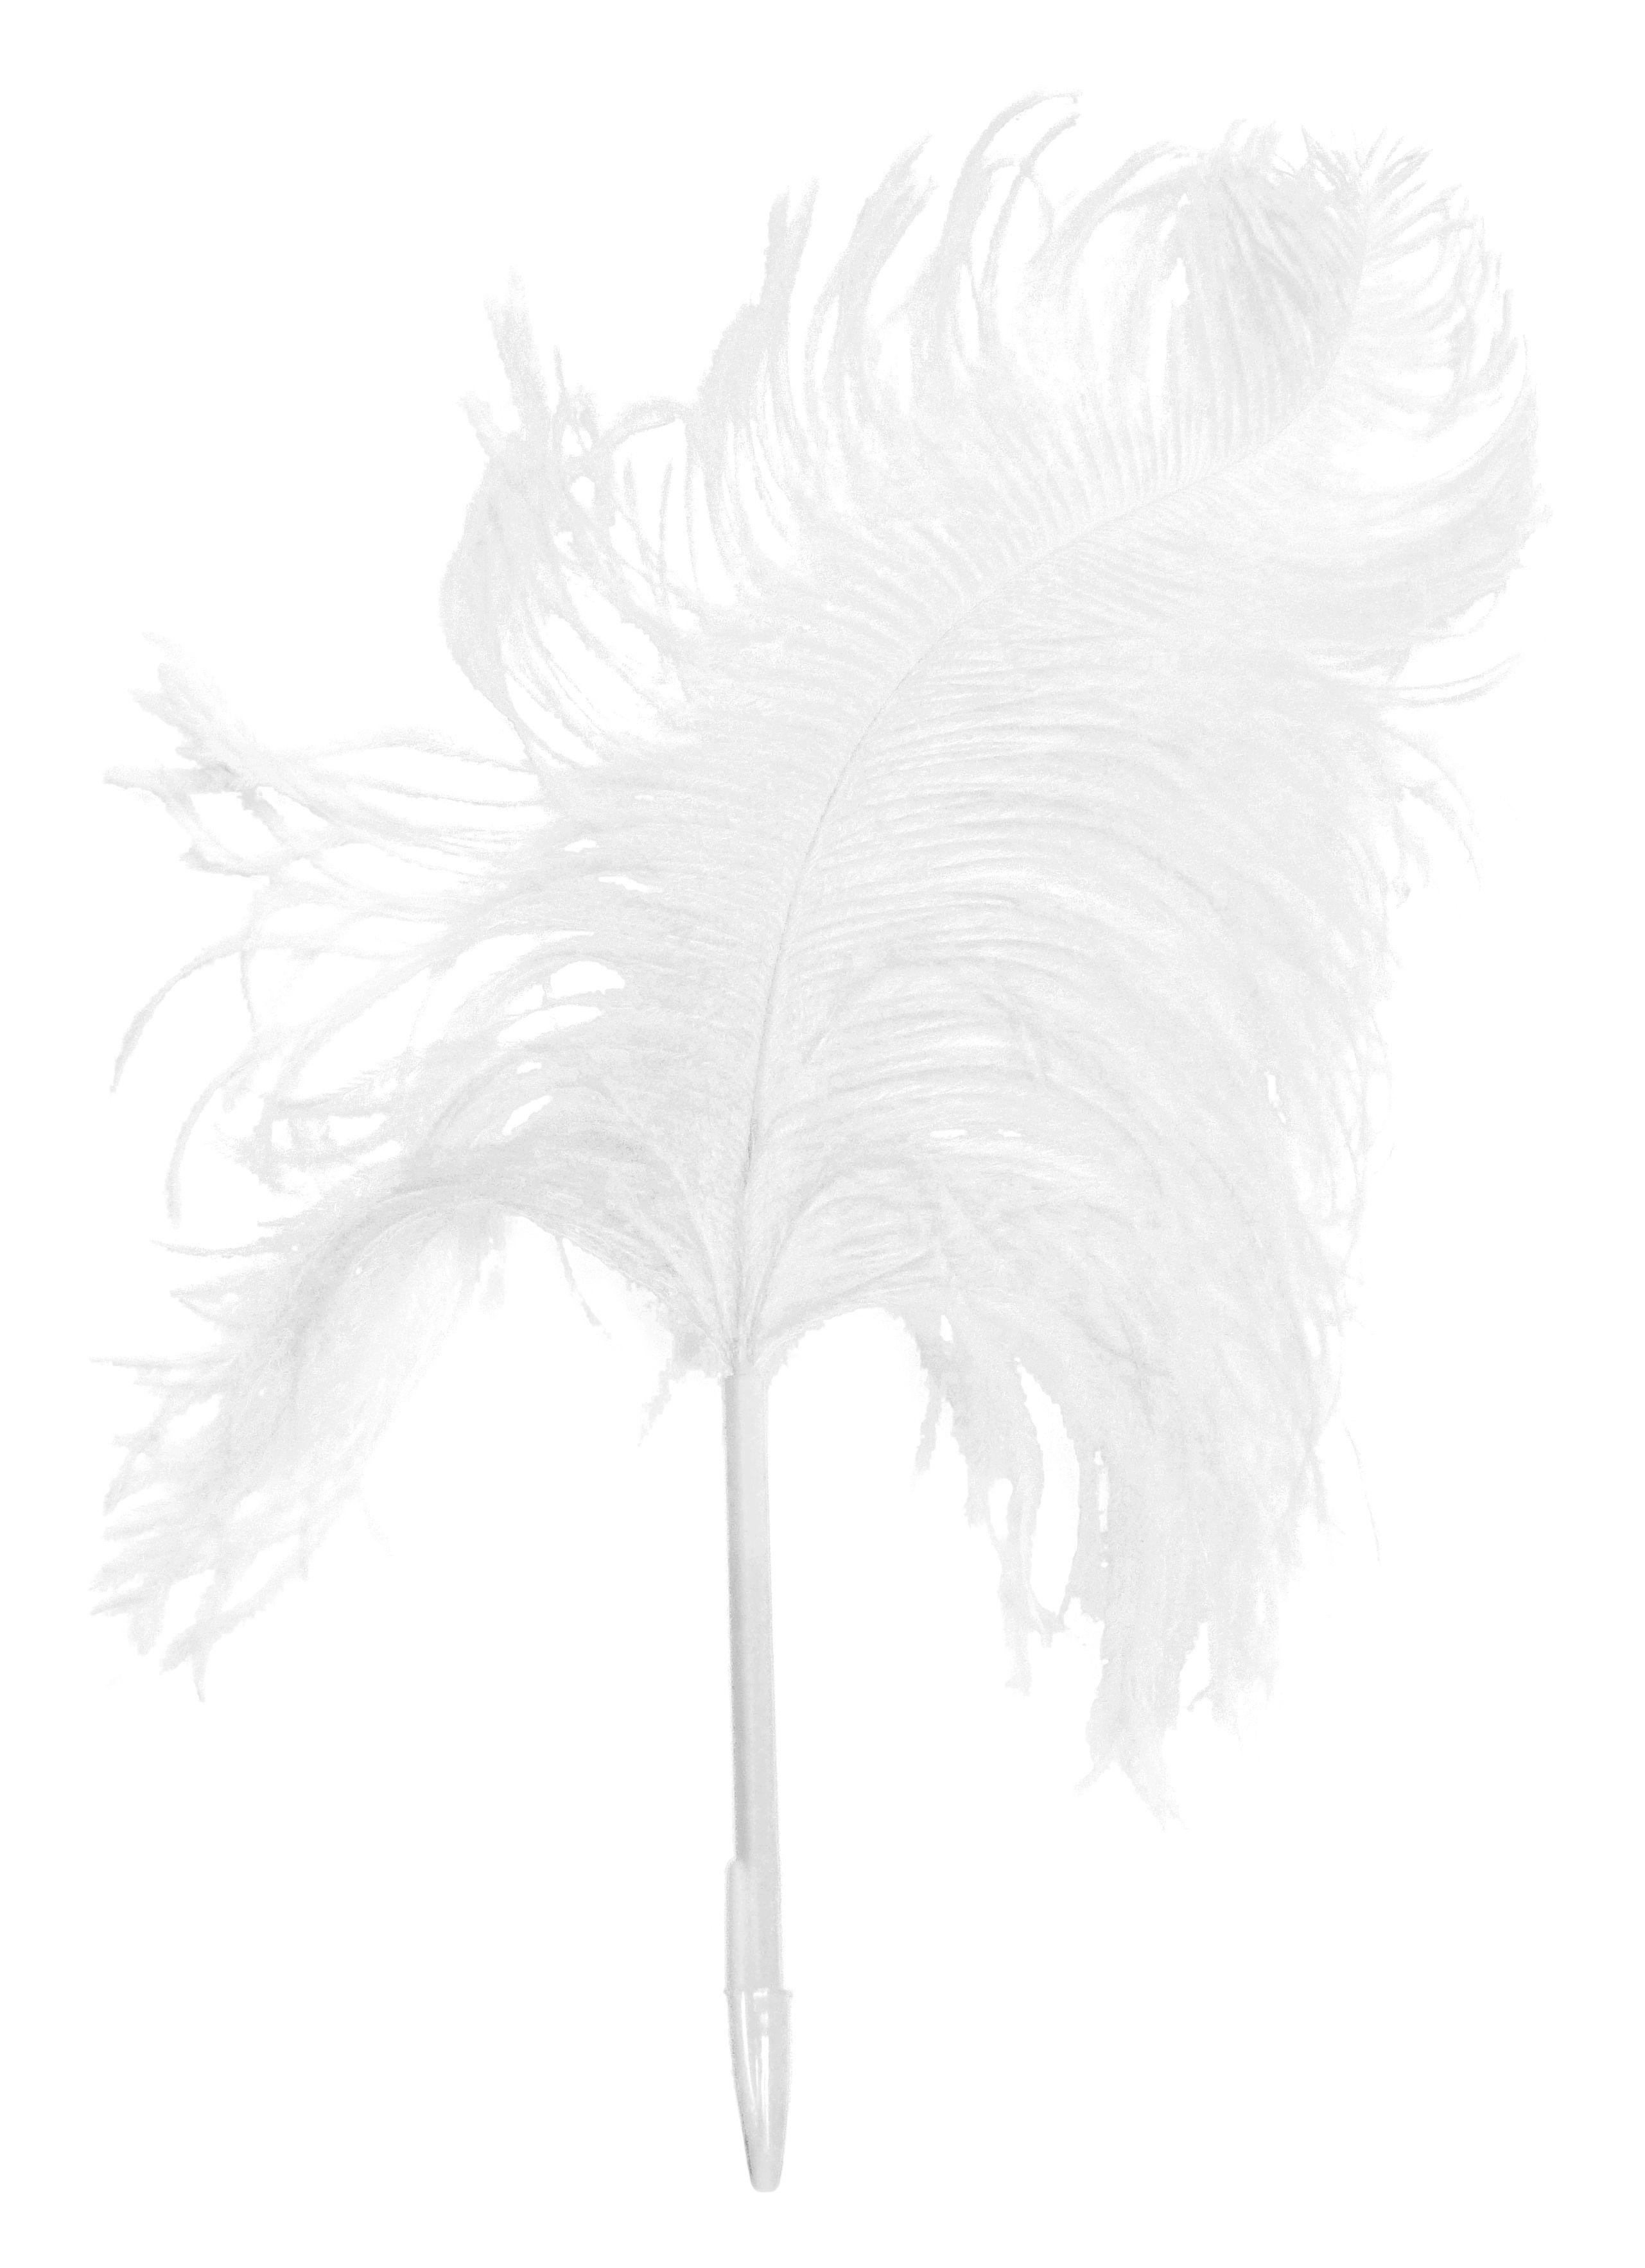 Déco - Accessoires bureau - Stylo Plume d'autruche - Maison Martin Margiela - Blanc - Plastique, Plume